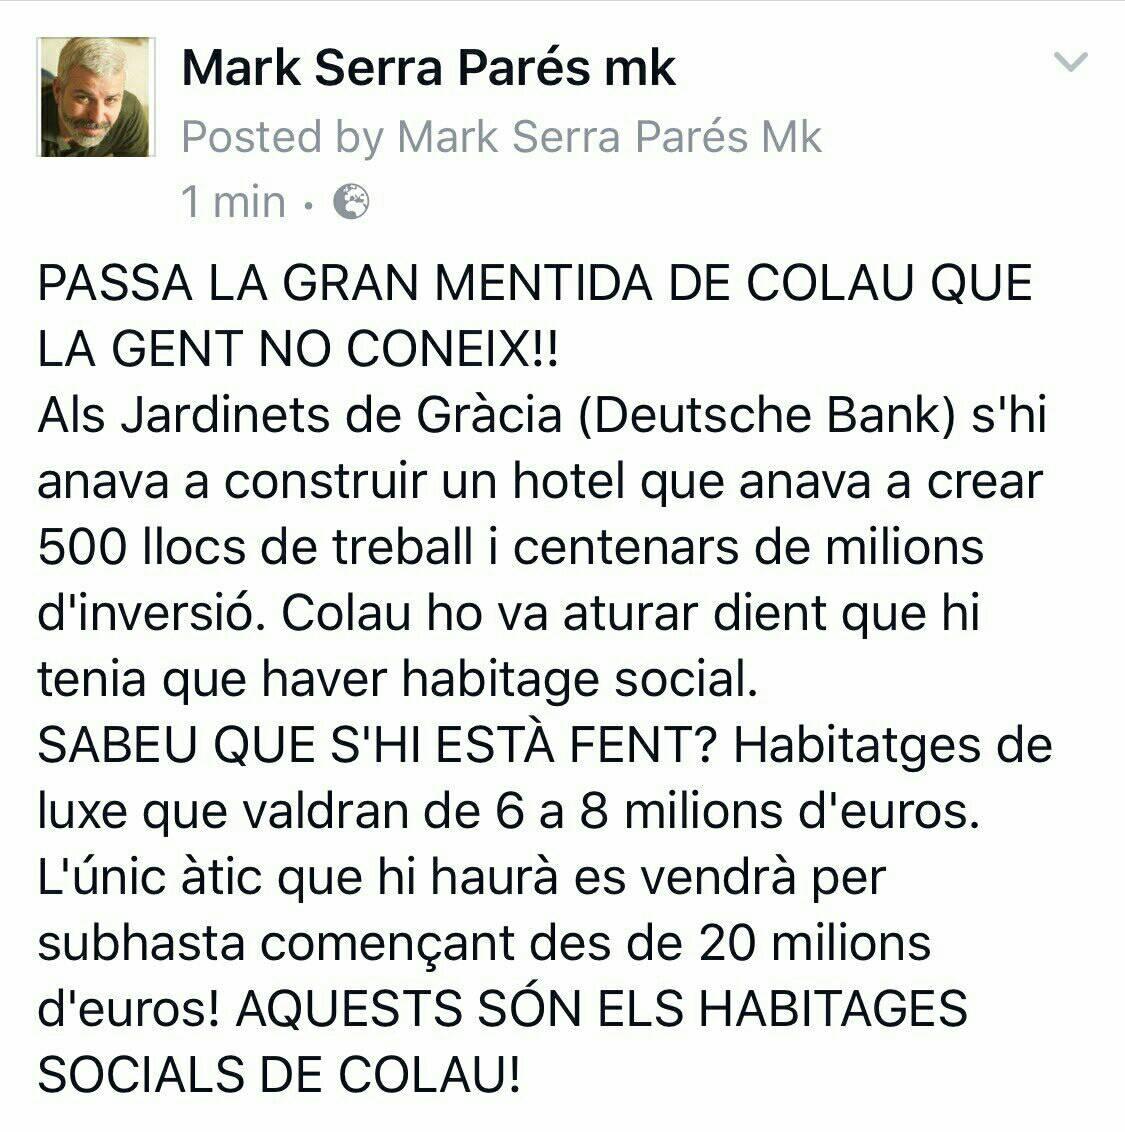 RT @Elvellblues: Els habitatges socials de #FrauColau #OléTú https://t.co/1UuL1jSl4O